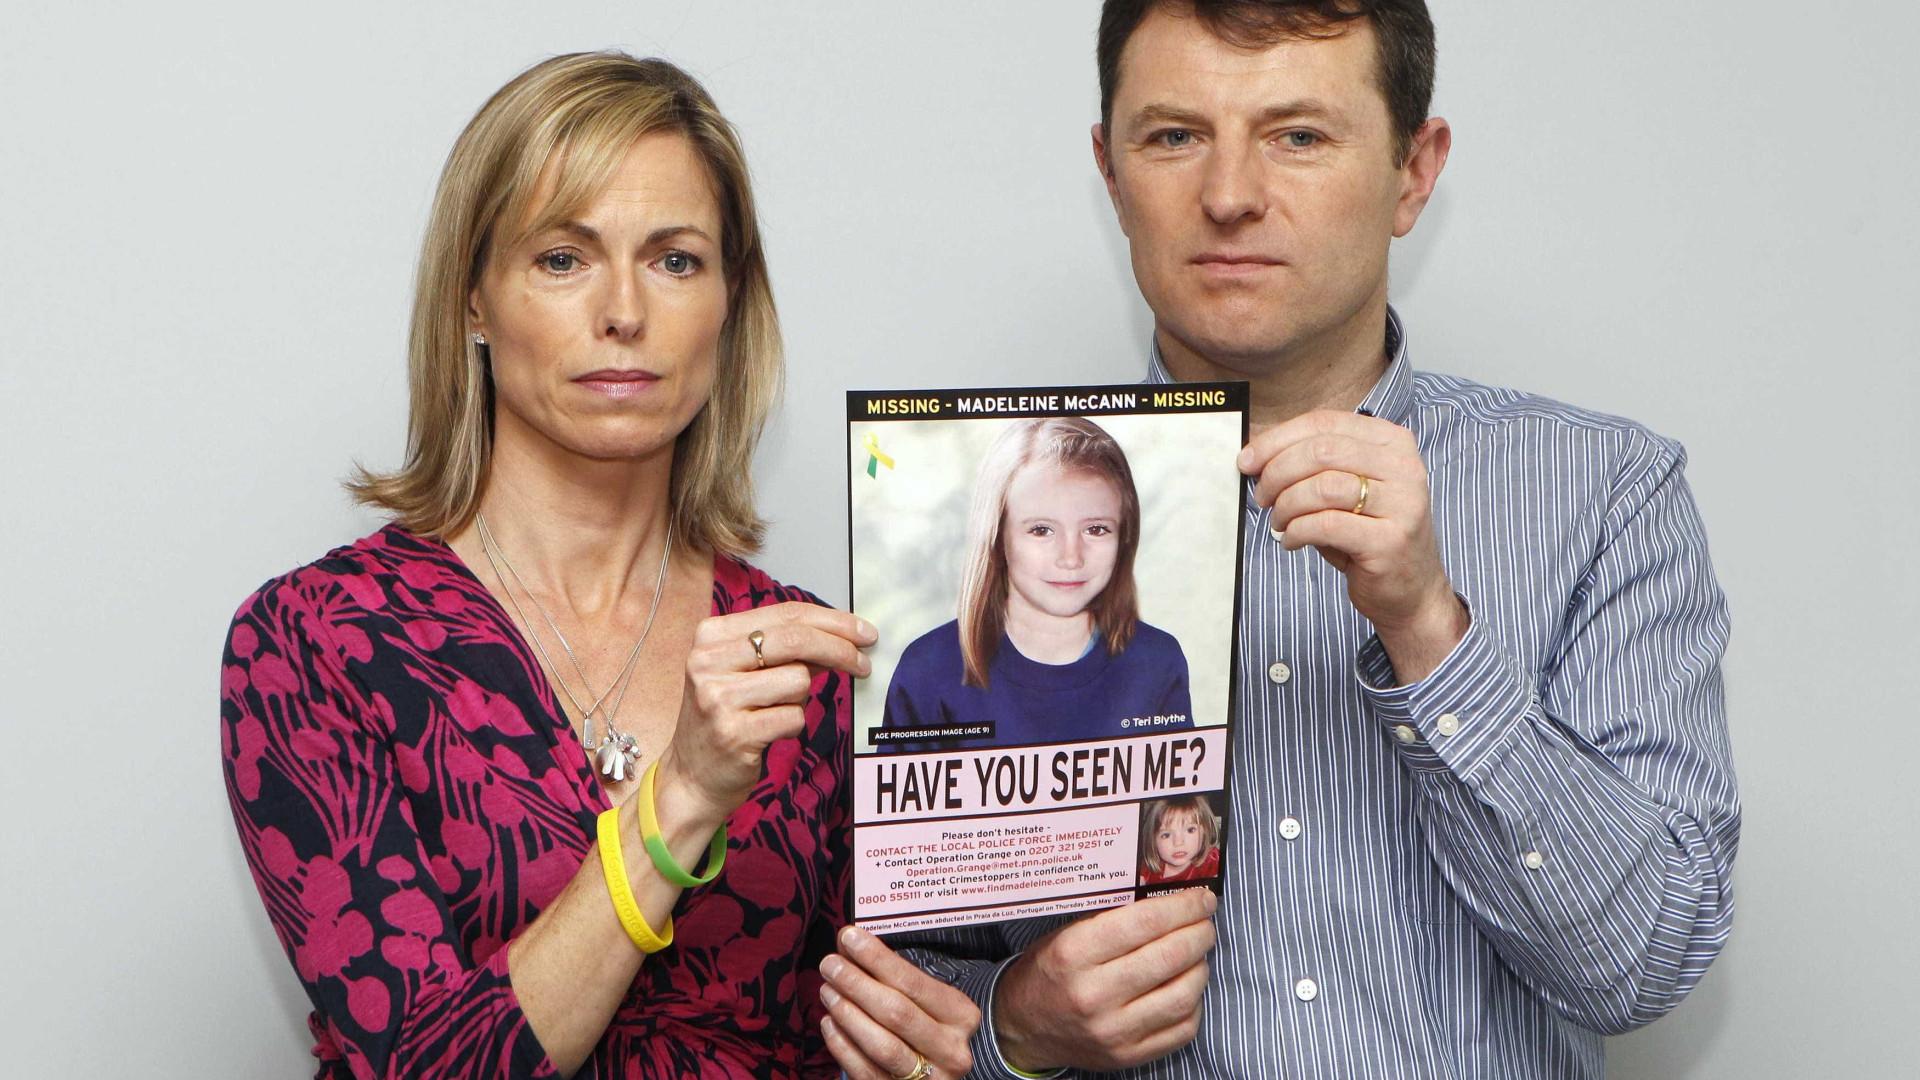 Milhares subscrevem petição britânica a acusar McCann de negligência